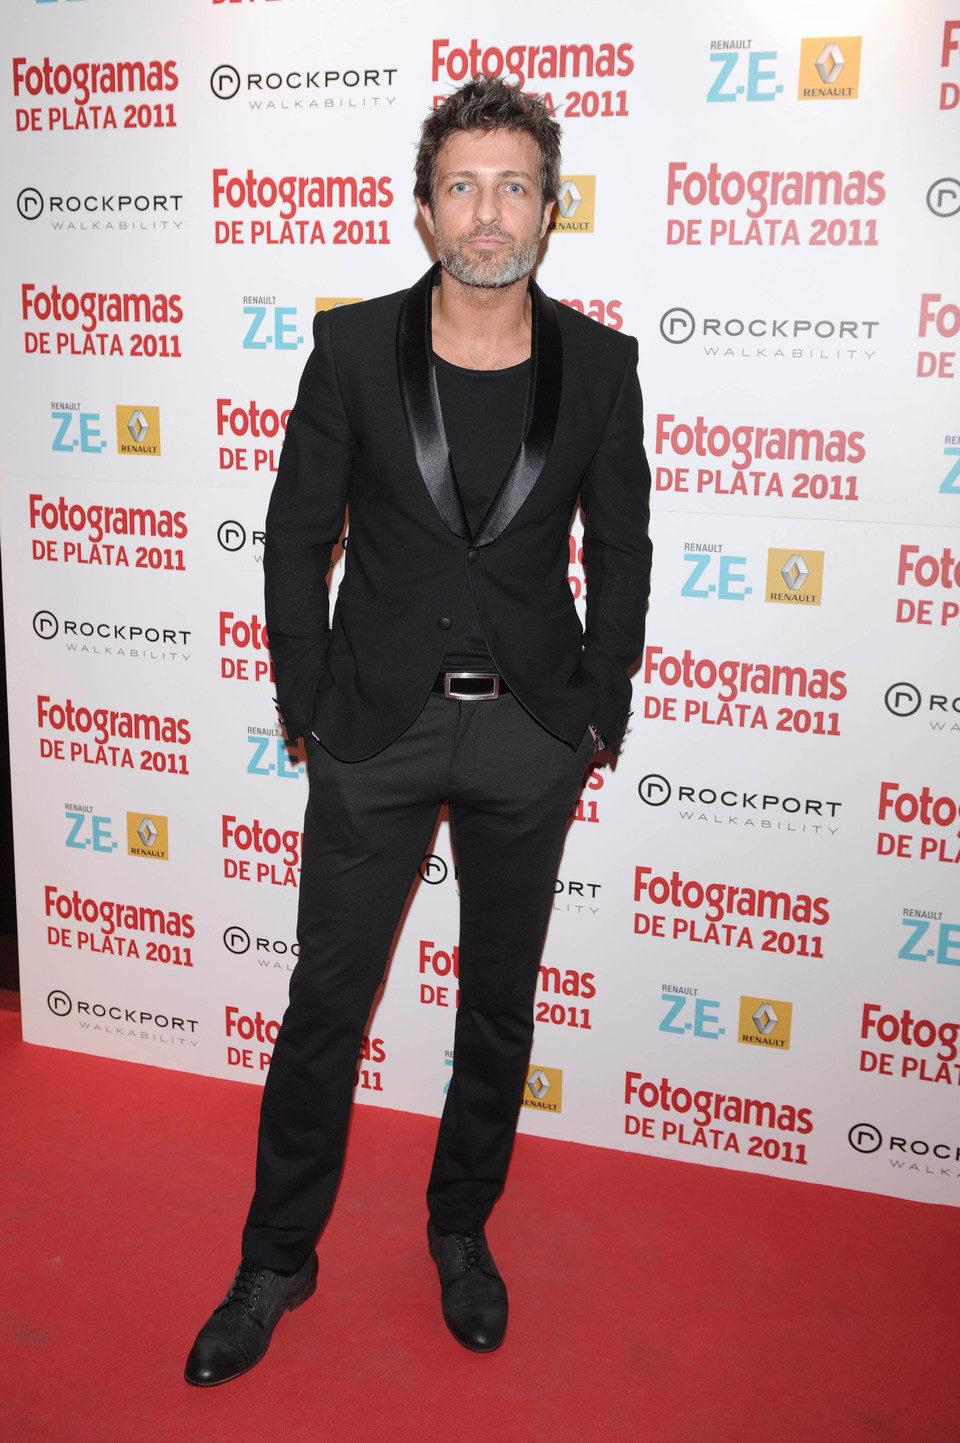 Jesús Olmedo en los Fotogramas de Plata 2011